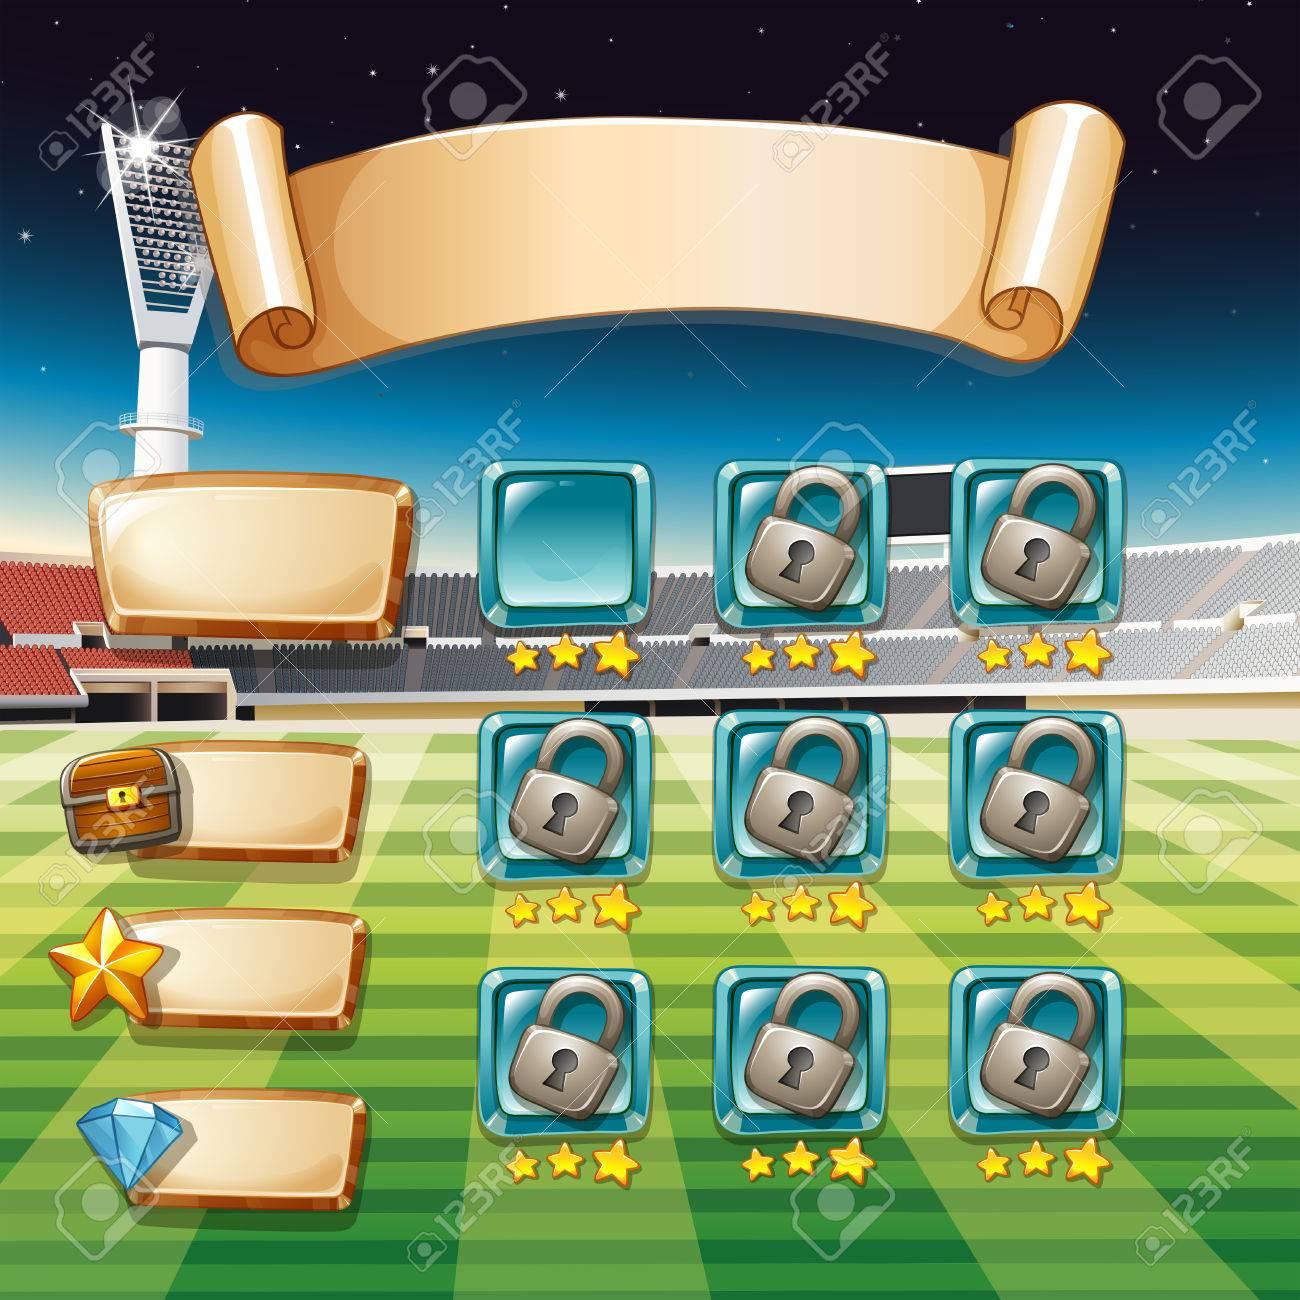 サッカー フィールド背景イラストとゲームのテンプレート ロイヤリティ